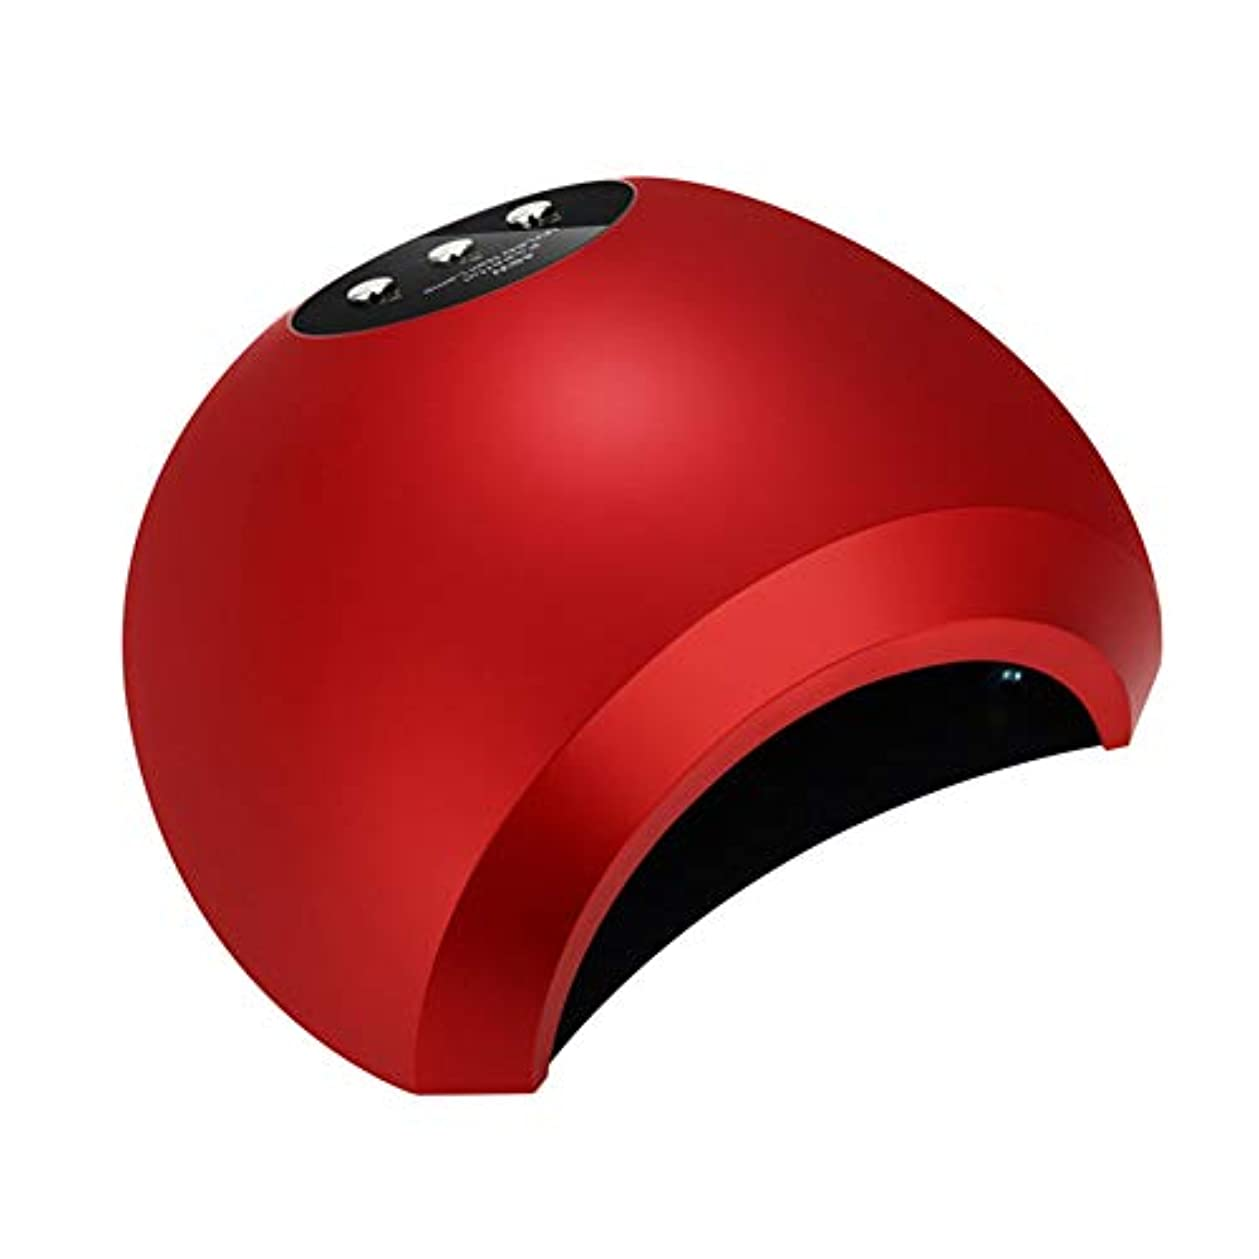 トランスペアレントブラウズ契約したLED UVネイルドライヤー48W 3モードプロフェッショナルLCDディスプレイ赤外線センシングジェルポリッシュランプ光硬化マニキュア機,赤